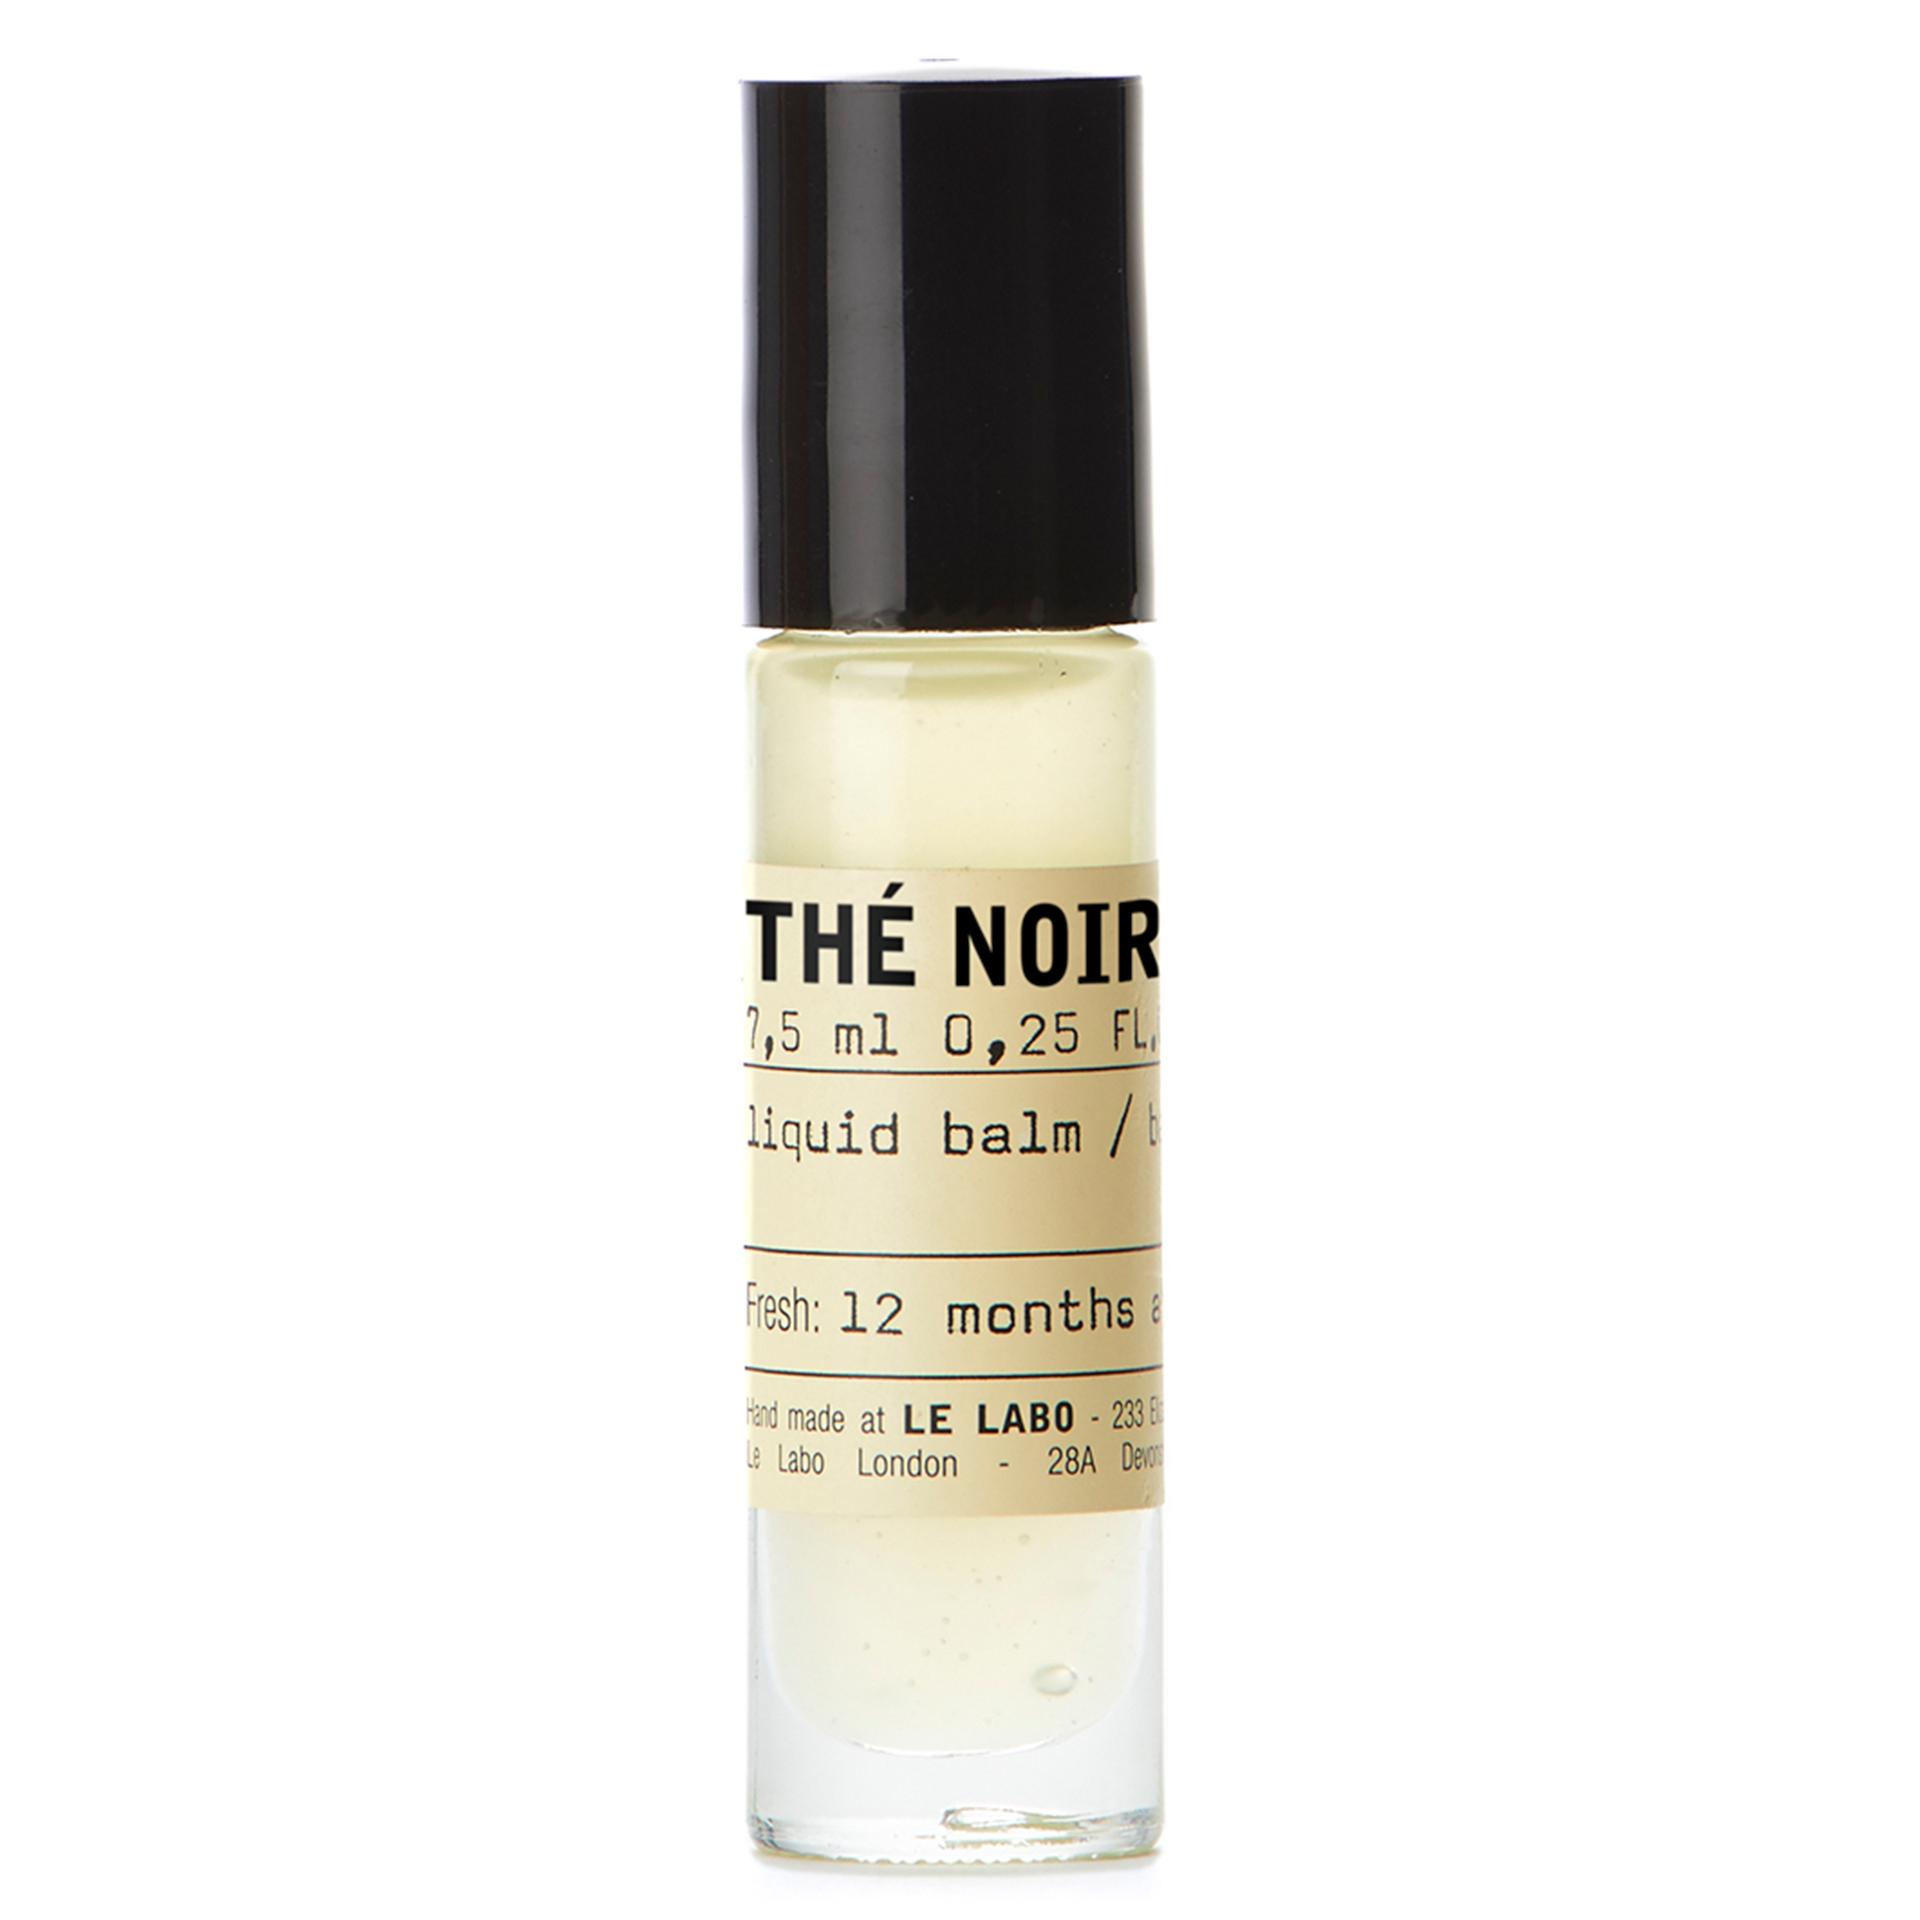 The Noir 29 Liquid Balm